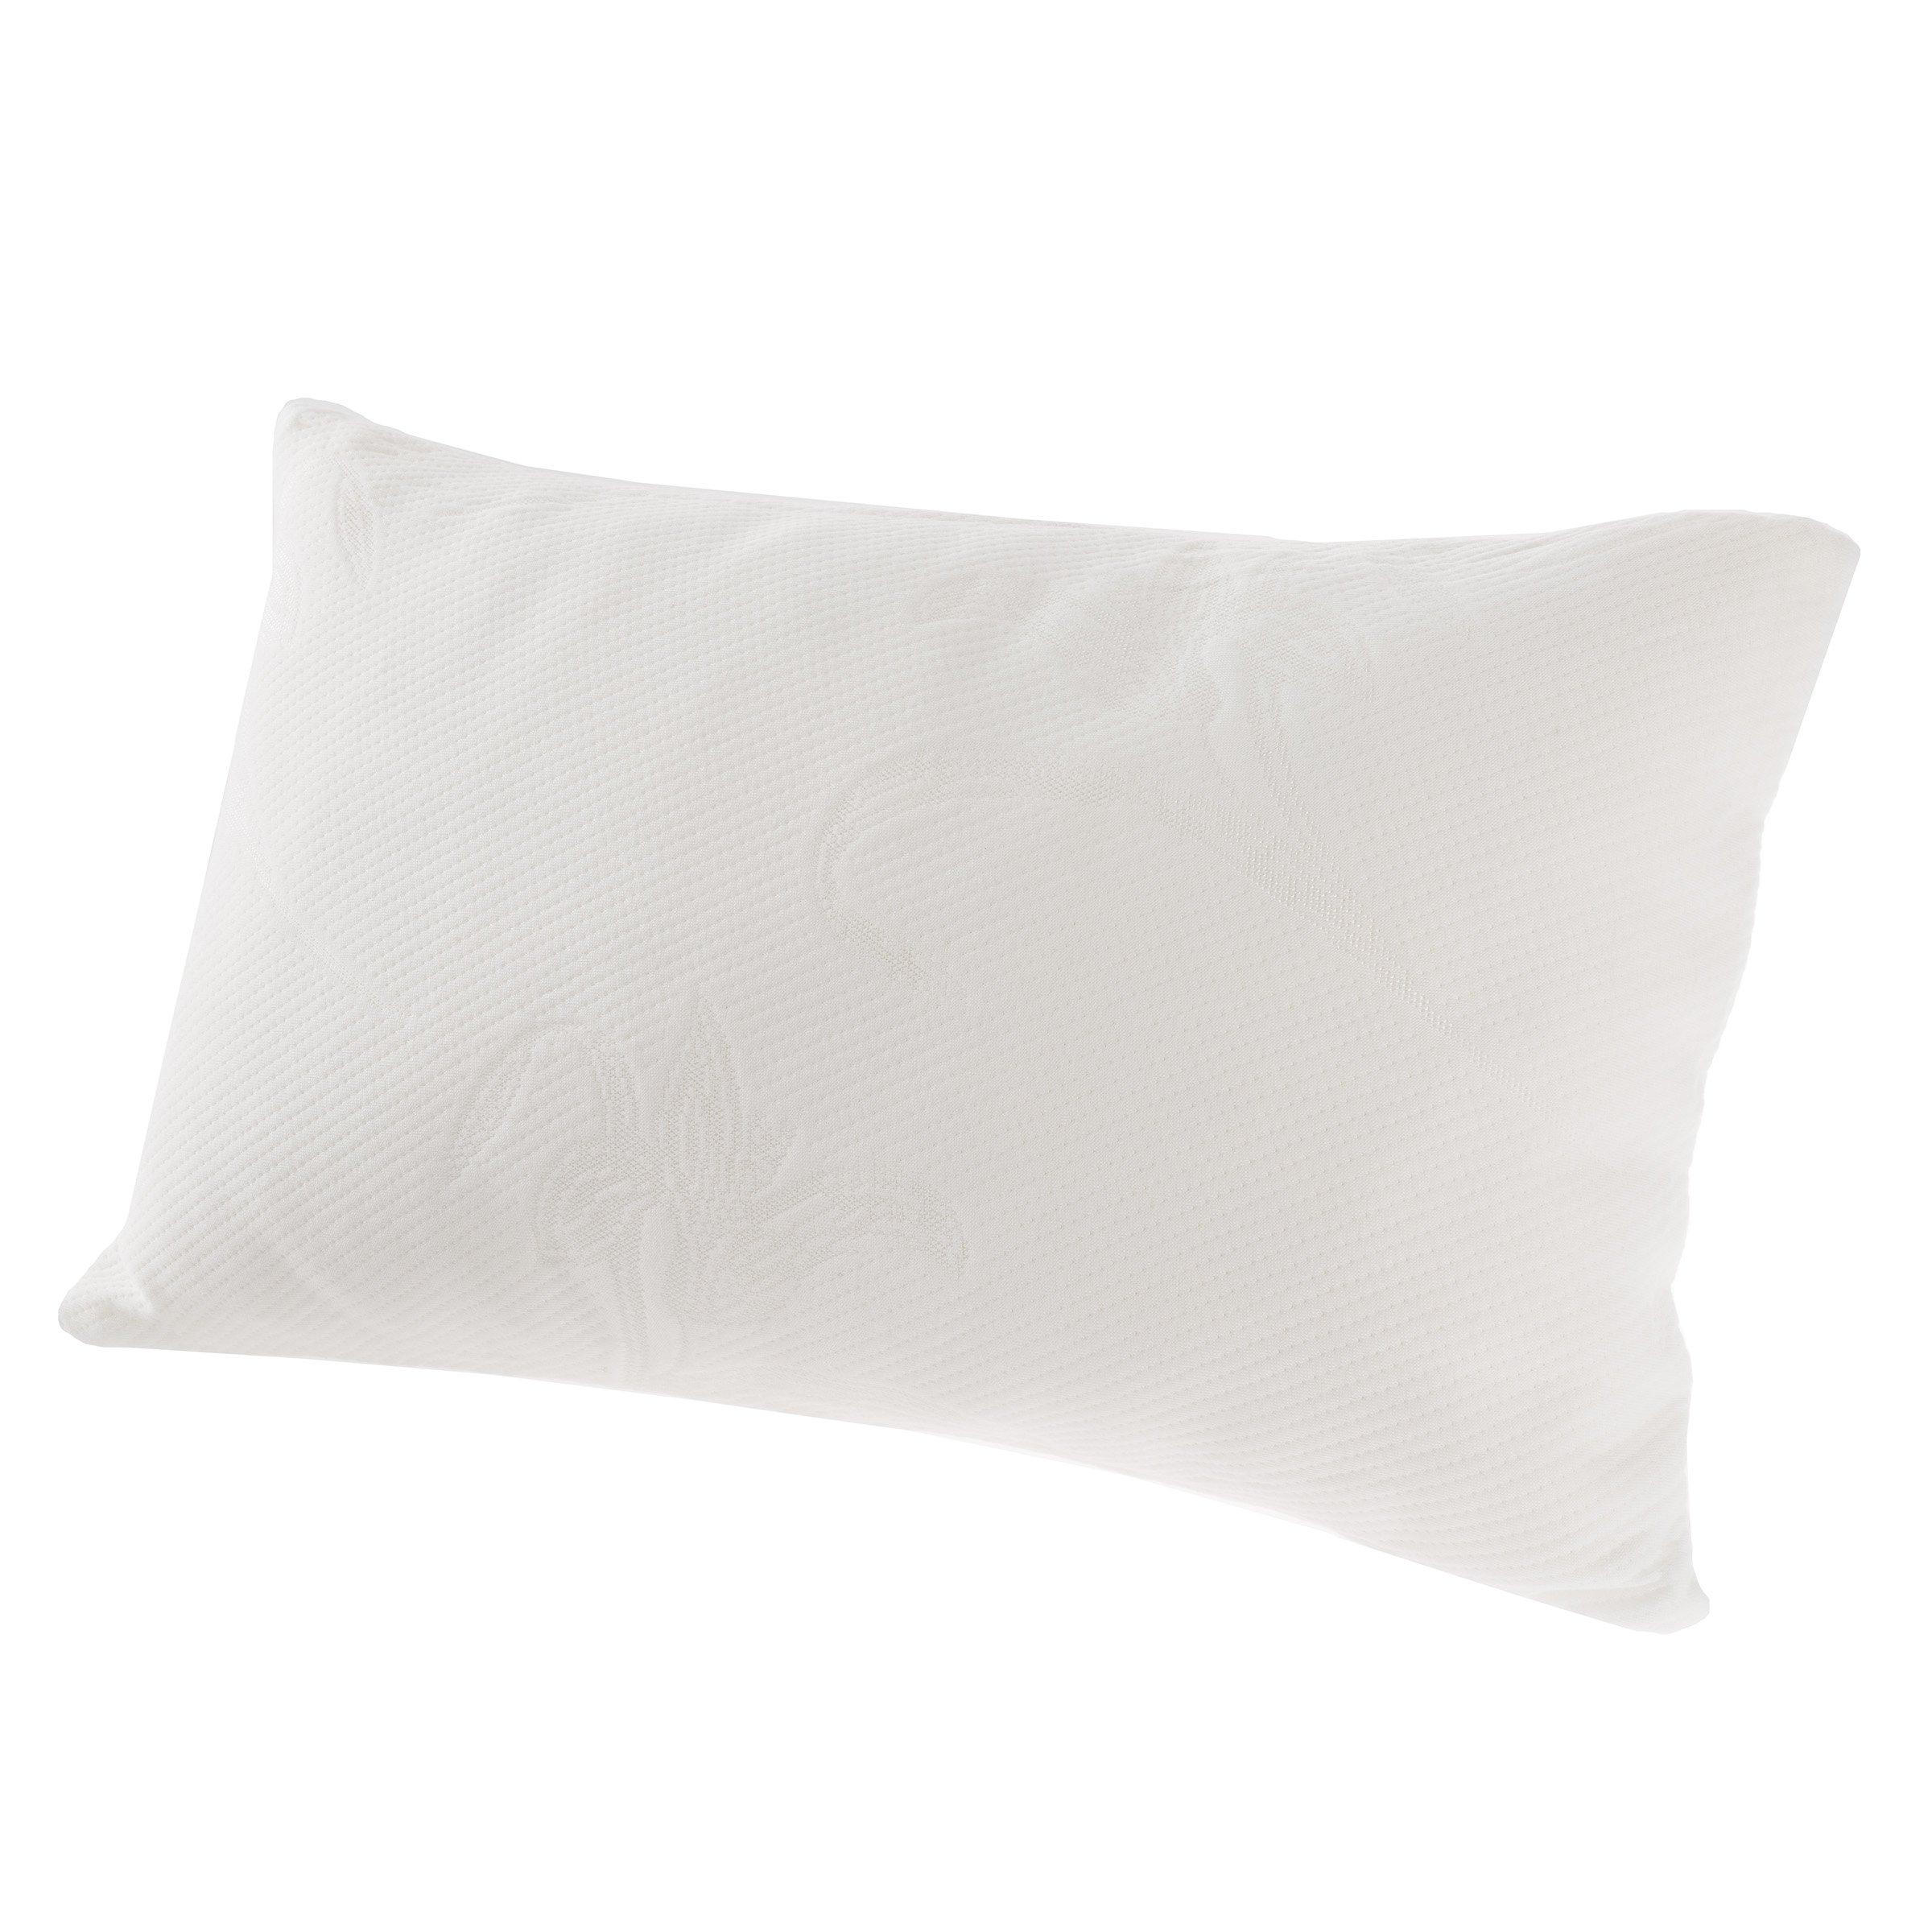 Everyday Home Shredded Memory Foam Toddler Pillow, White